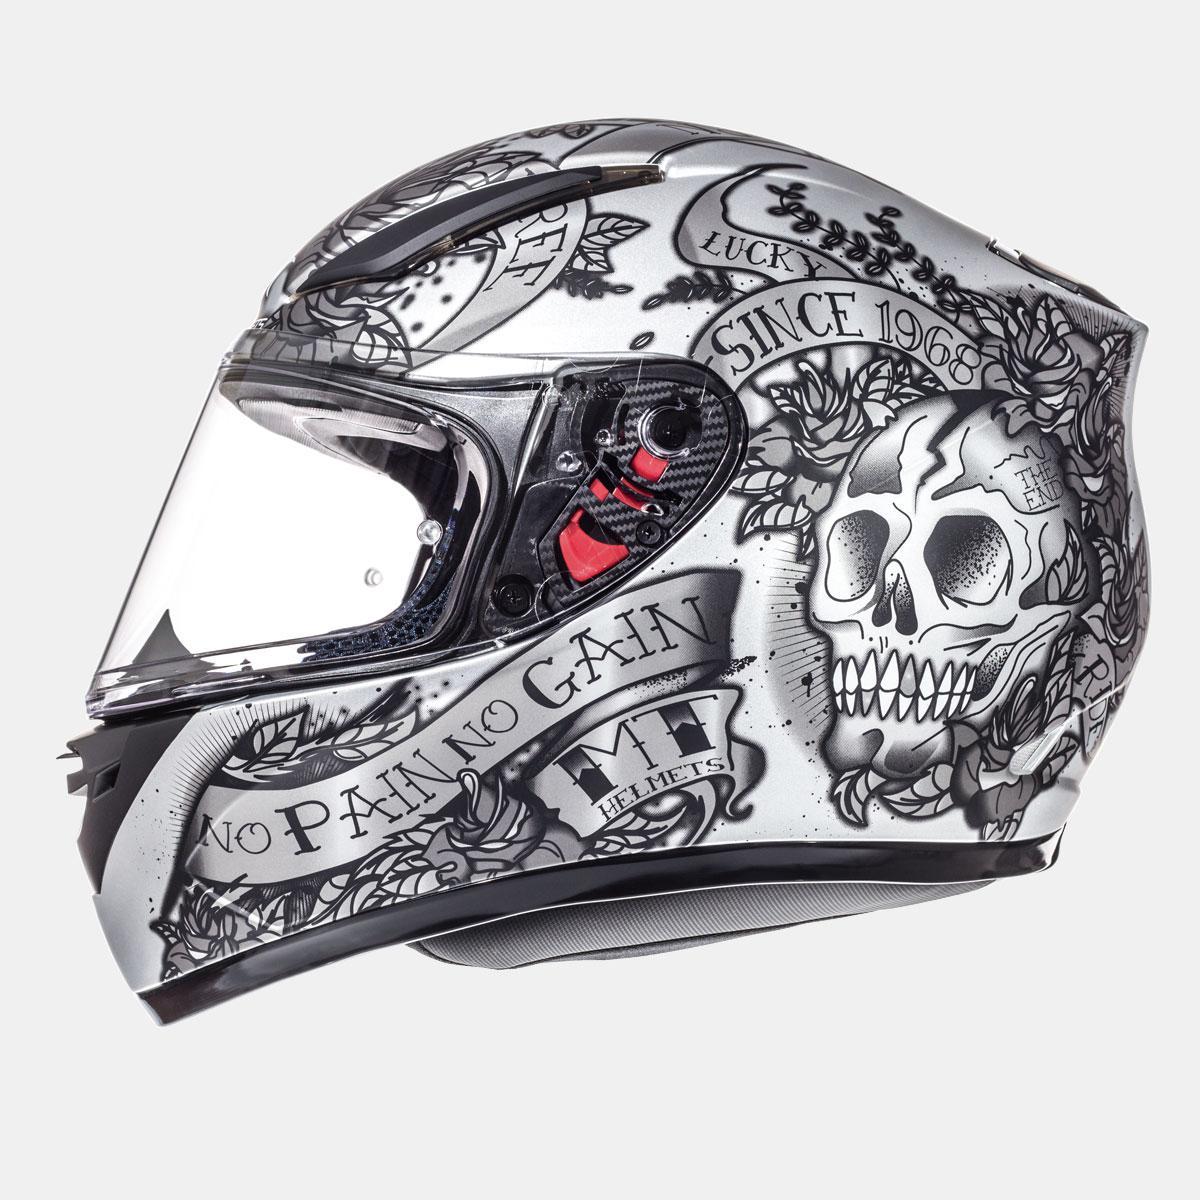 Мотошлем MT Revenge Skull & Rose Black